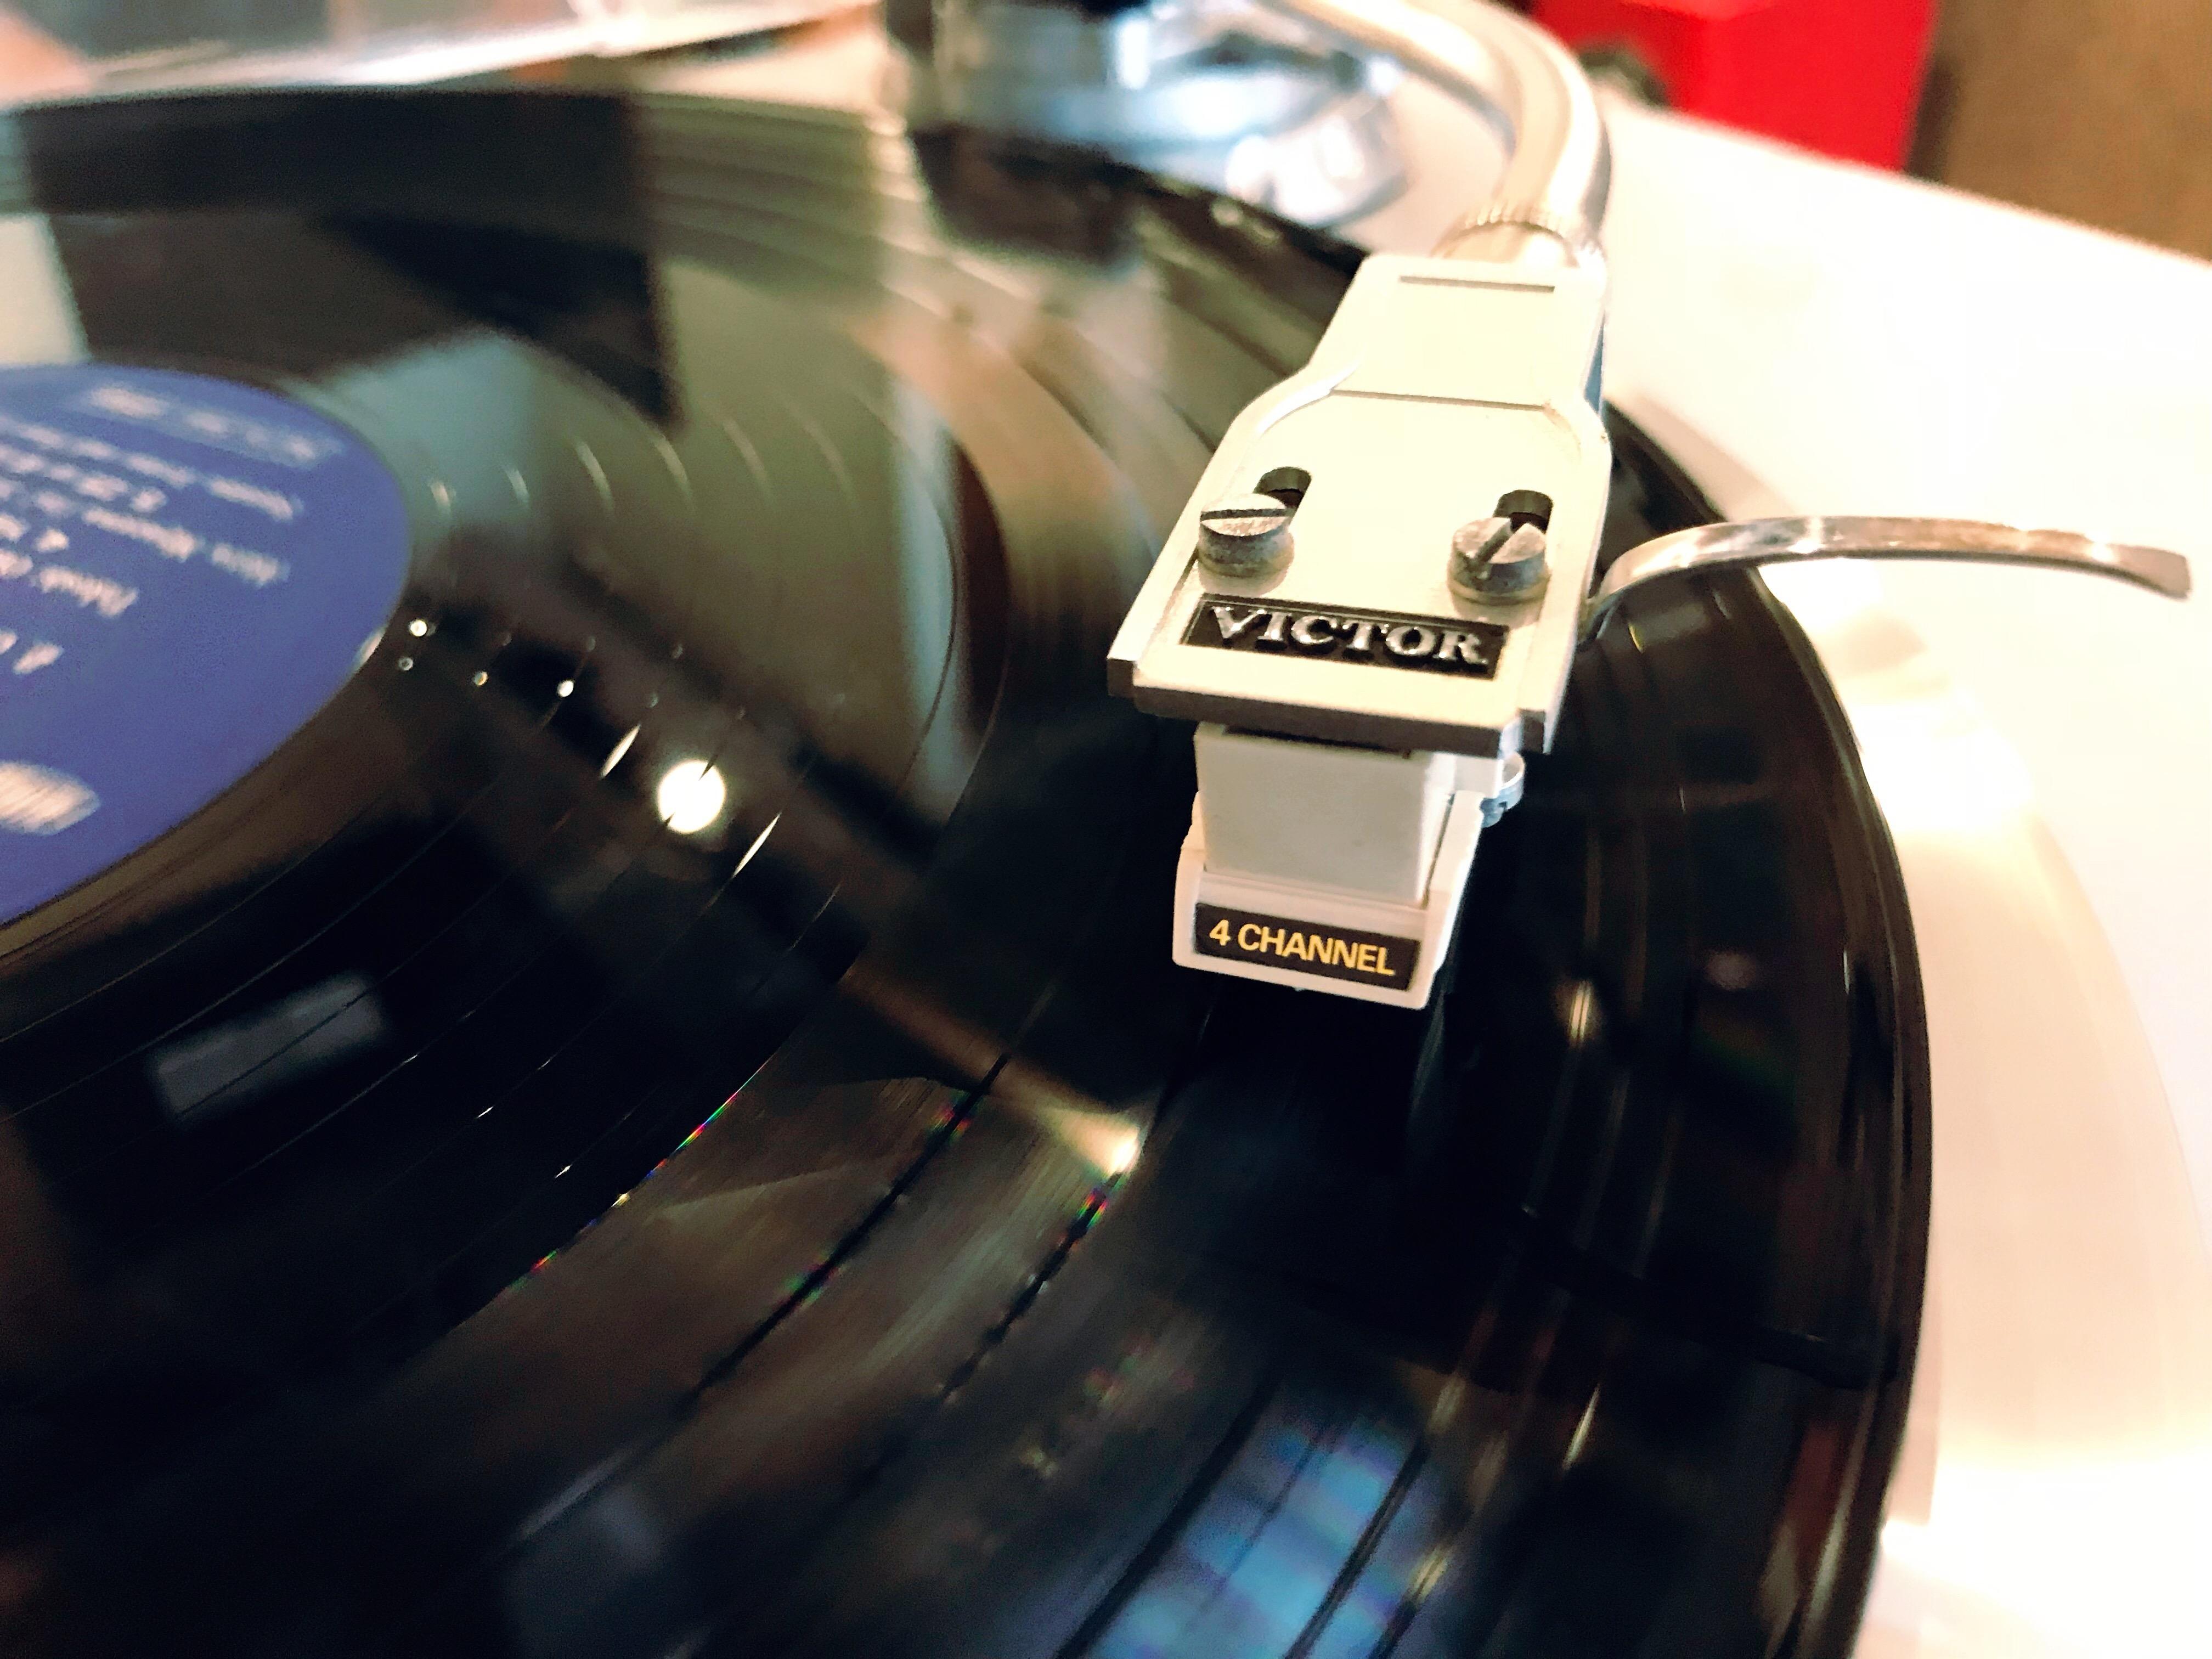 4チャンネル・ステレオ・レコードを聴く会(第4回)を開催します!